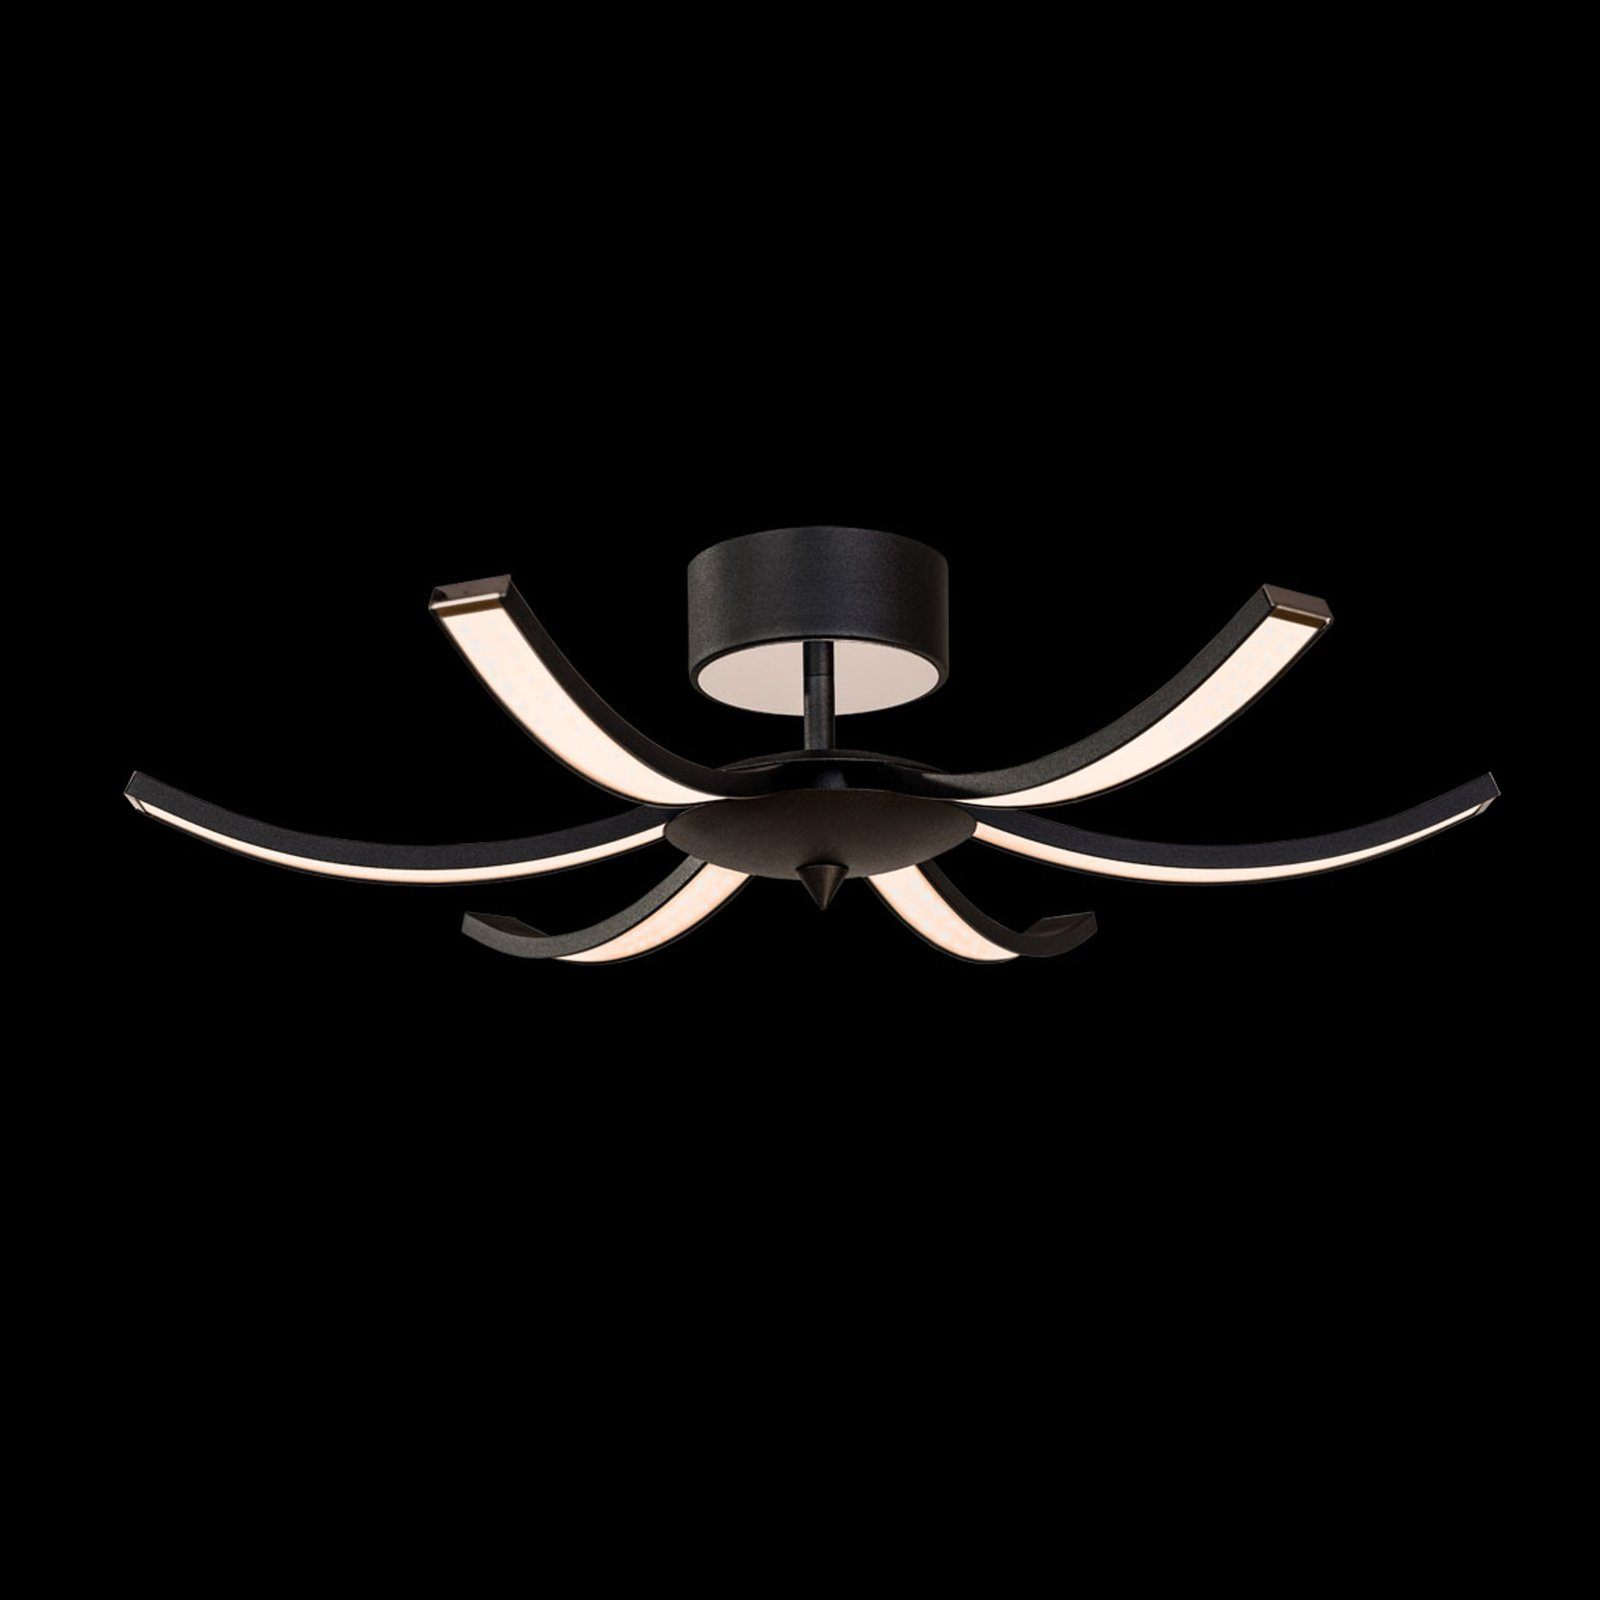 Umbra LED-taklampe, Ø 63 cm